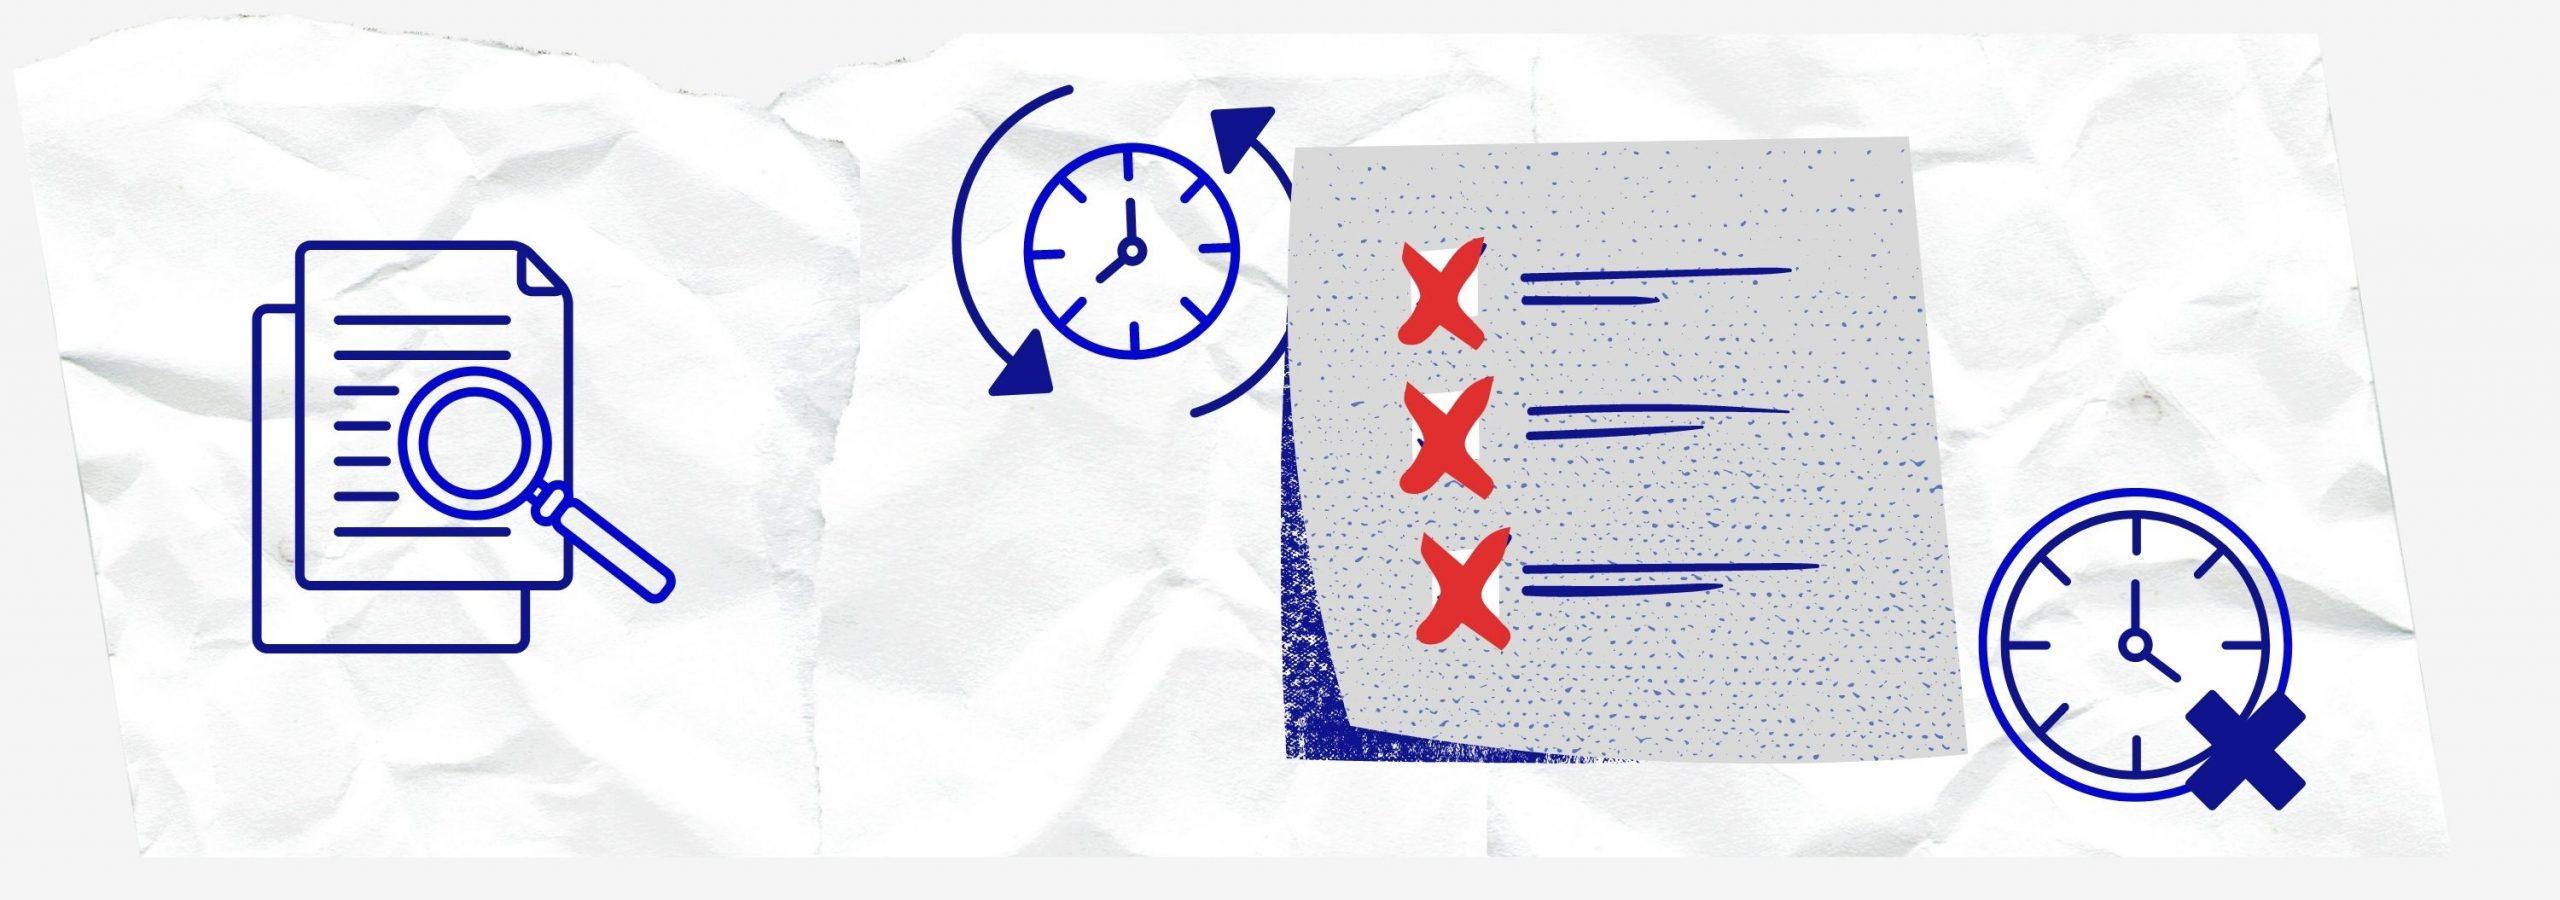 Des icônes avec des horloges pour illustrer l'aspect quotidien de la mesure de l'expérience utilisateur